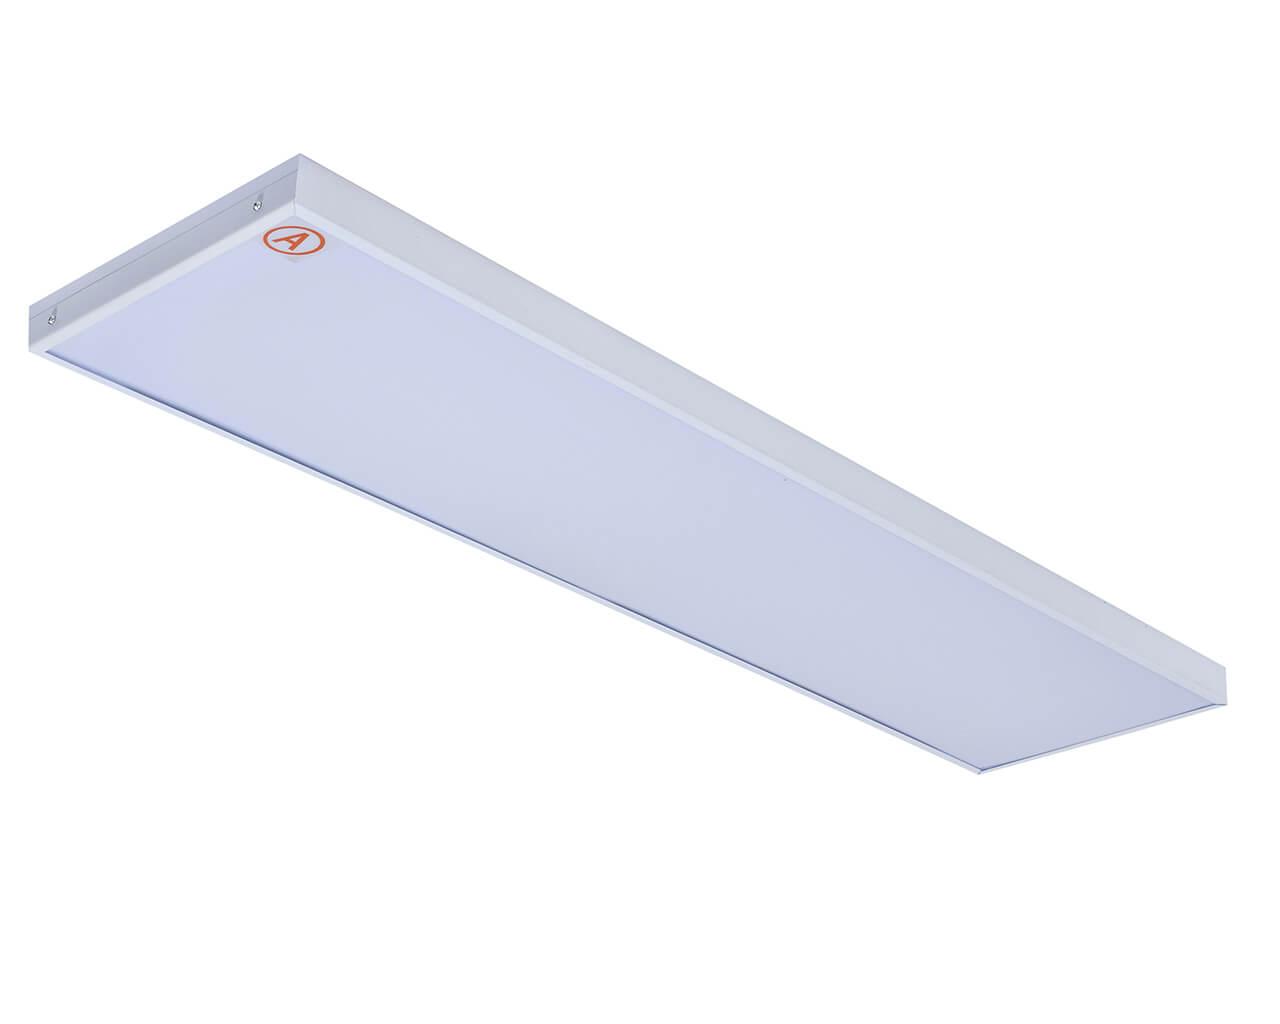 Накладной светильник LC-NSM-60-OP-WW ватт 1195x295 Теплый белый Опал Бап 3 часа